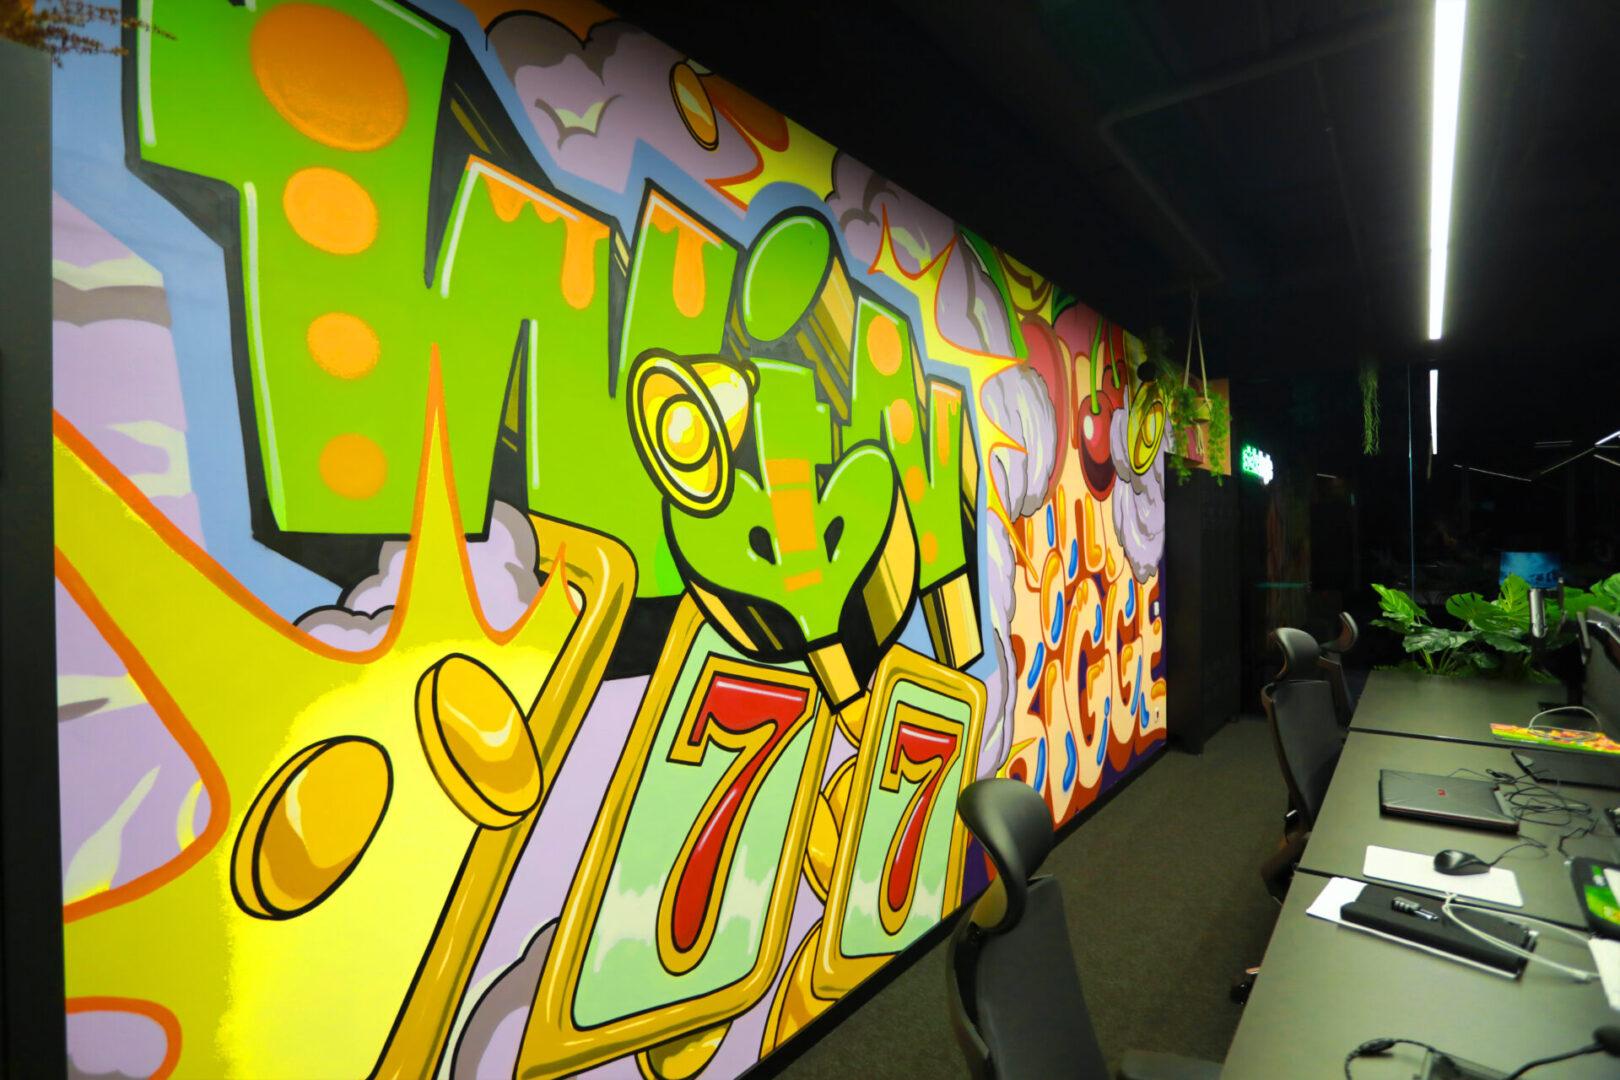 Художественное оформление офиса IT компании (часть 2) UT-ART STUDIO граффити